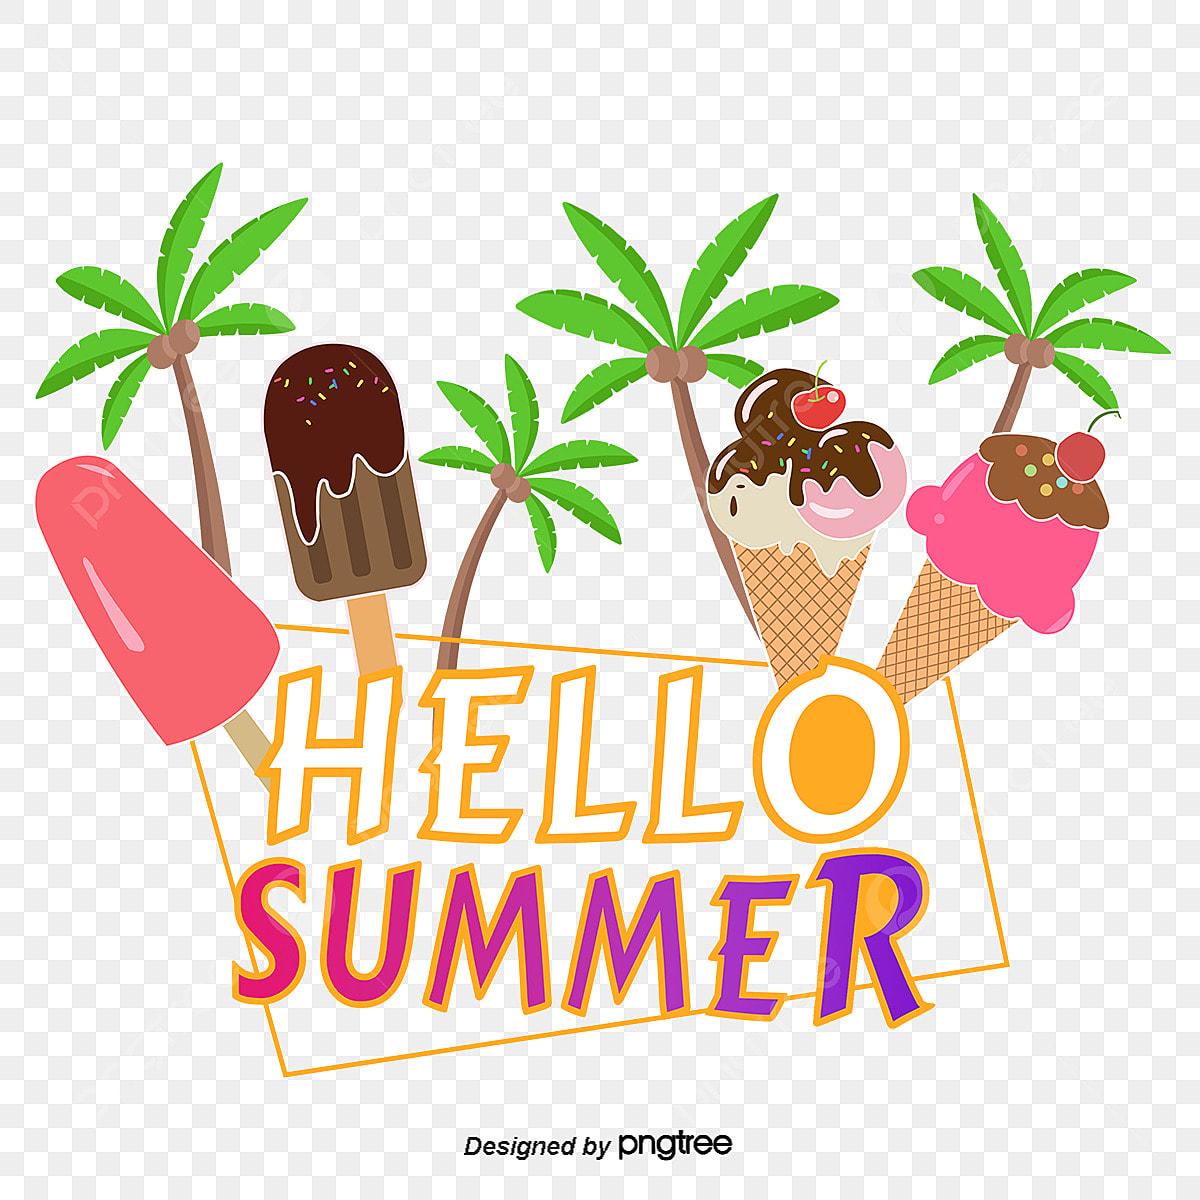 Hello Summer Summer Brand, Summer Clipart, Summer, Hello ... (1200 x 1200 Pixel)